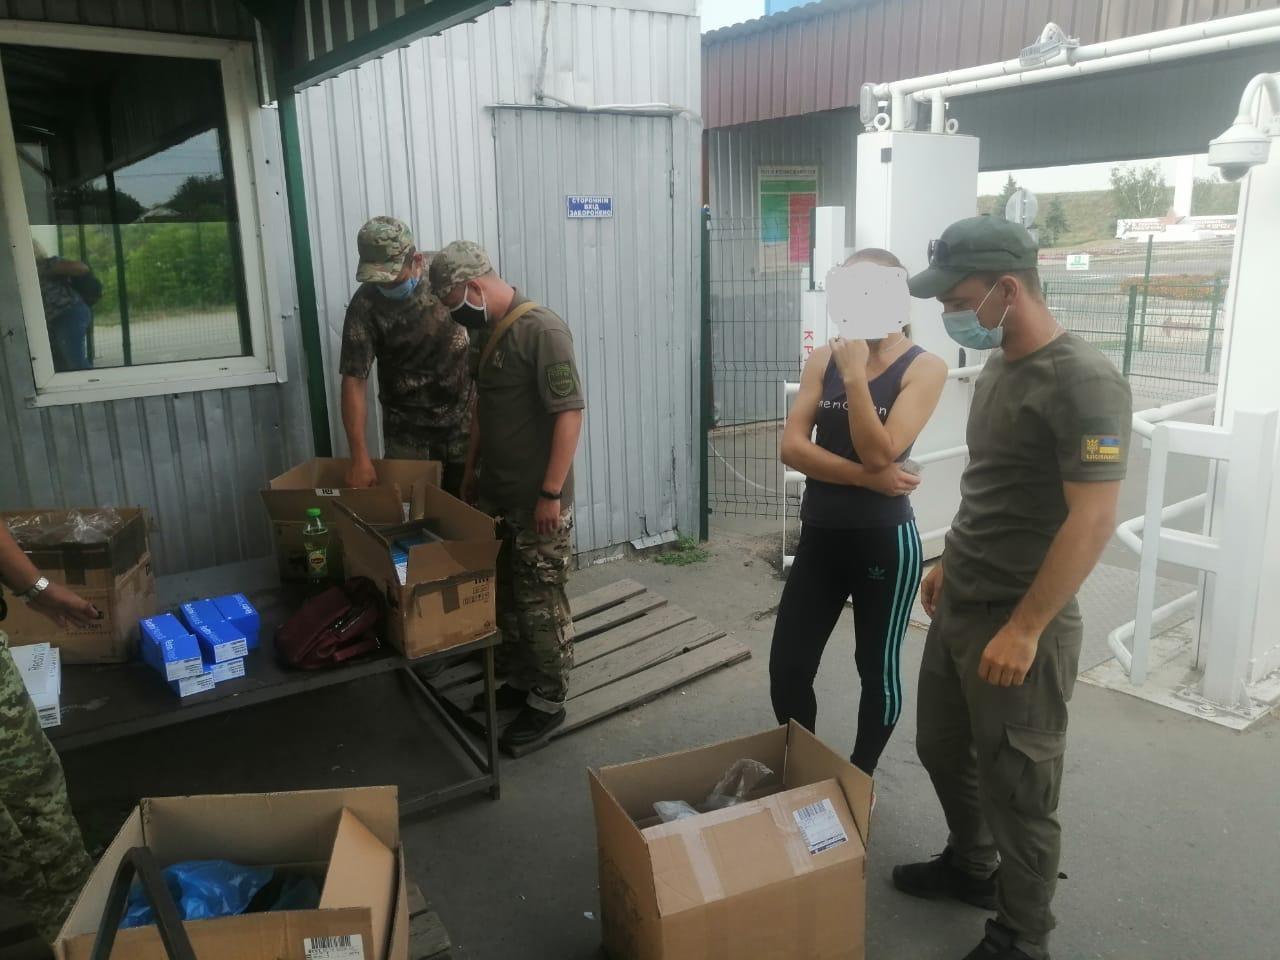 контрабанда незаконное перемещение товаров ООС Донбасс КПВВ ОРДЛО